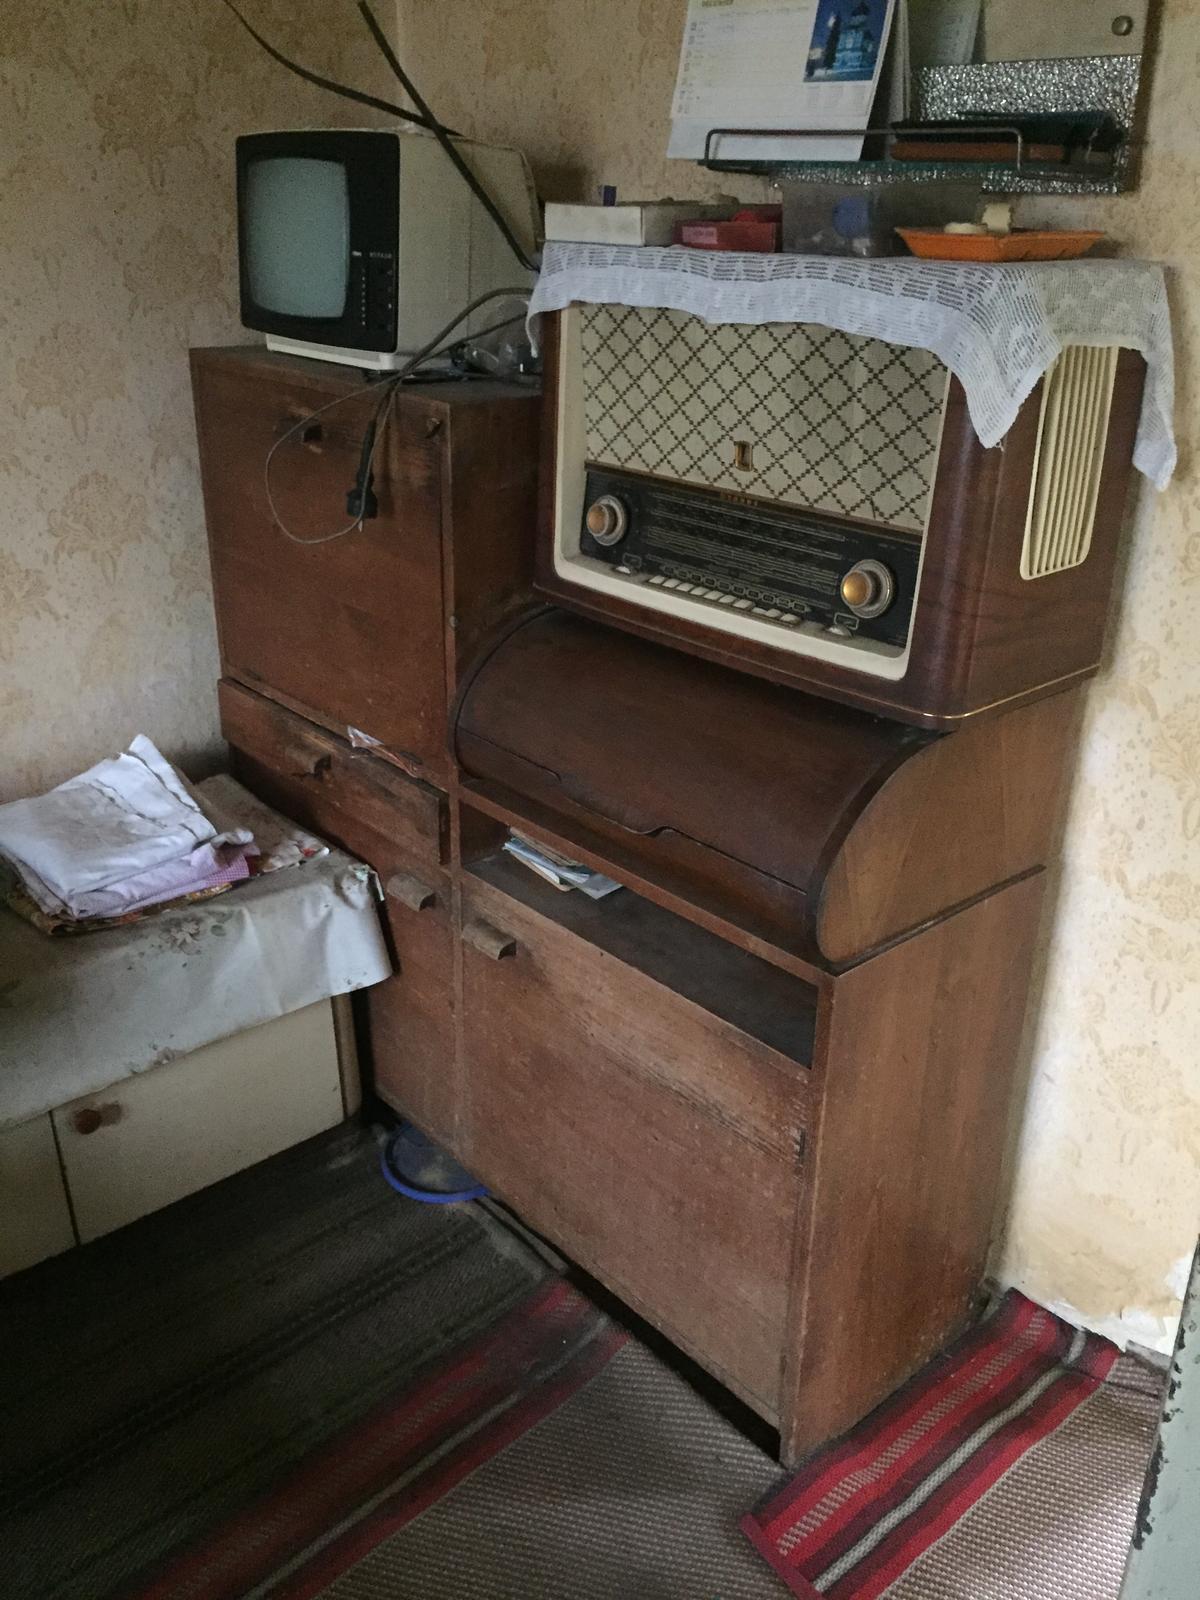 Perníková chalúpka - rádio je funkčné, akurát som nevedela nič naladiť....  nevadí, doriešim